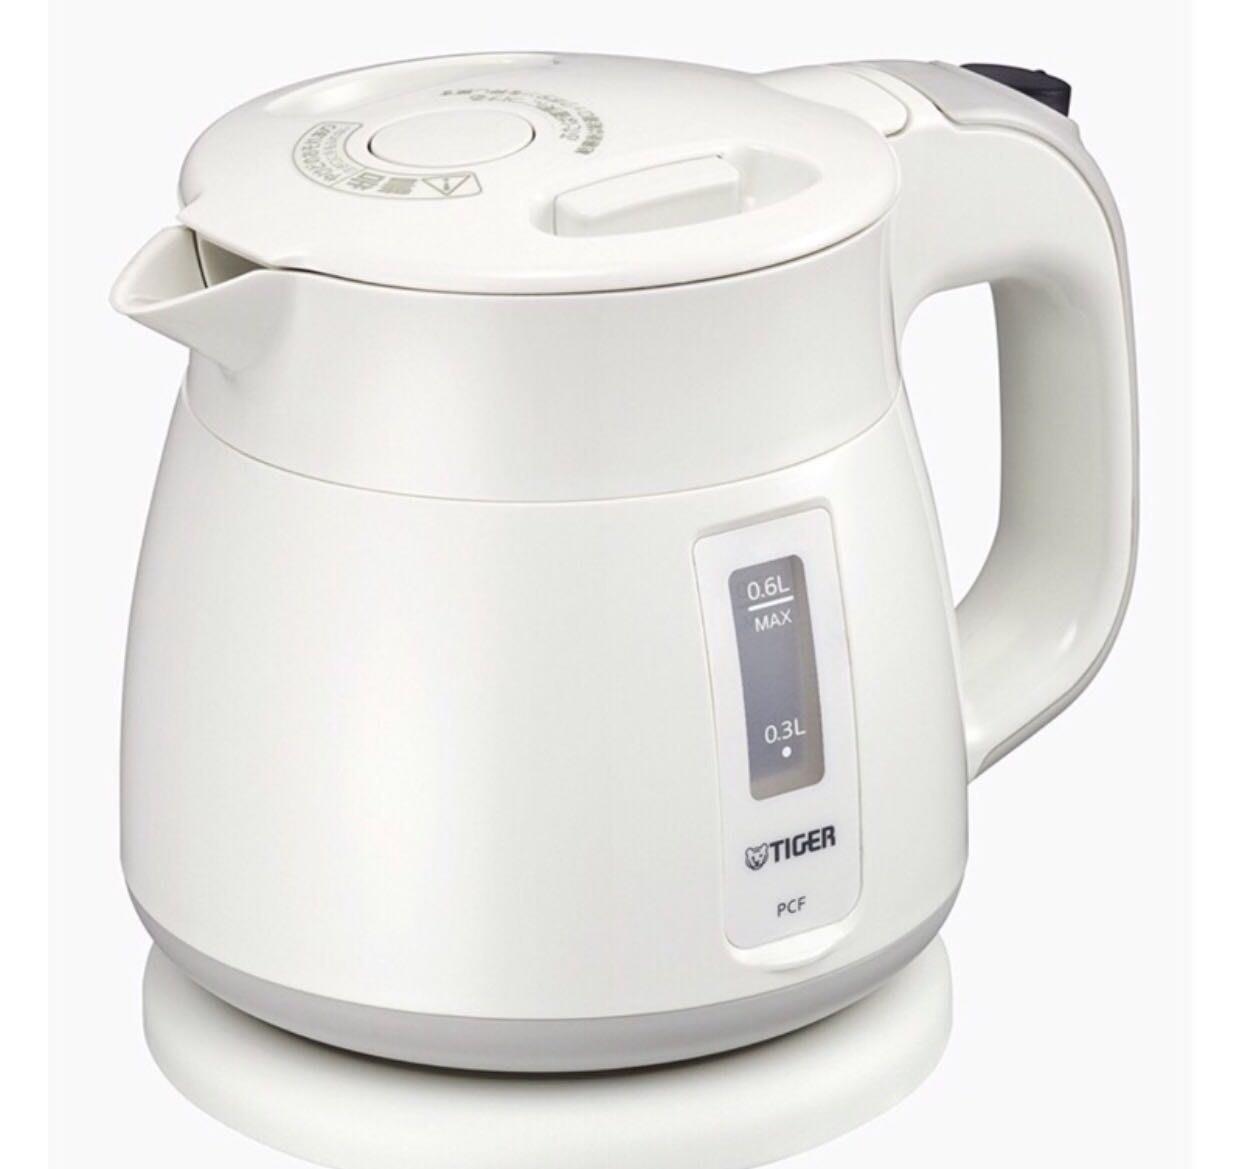 日本 TIGER 虎牌 PCF - G060 - W Tiger電熱水壺 0.6L 熱水瓶 快煮壺 白色 粉紫色